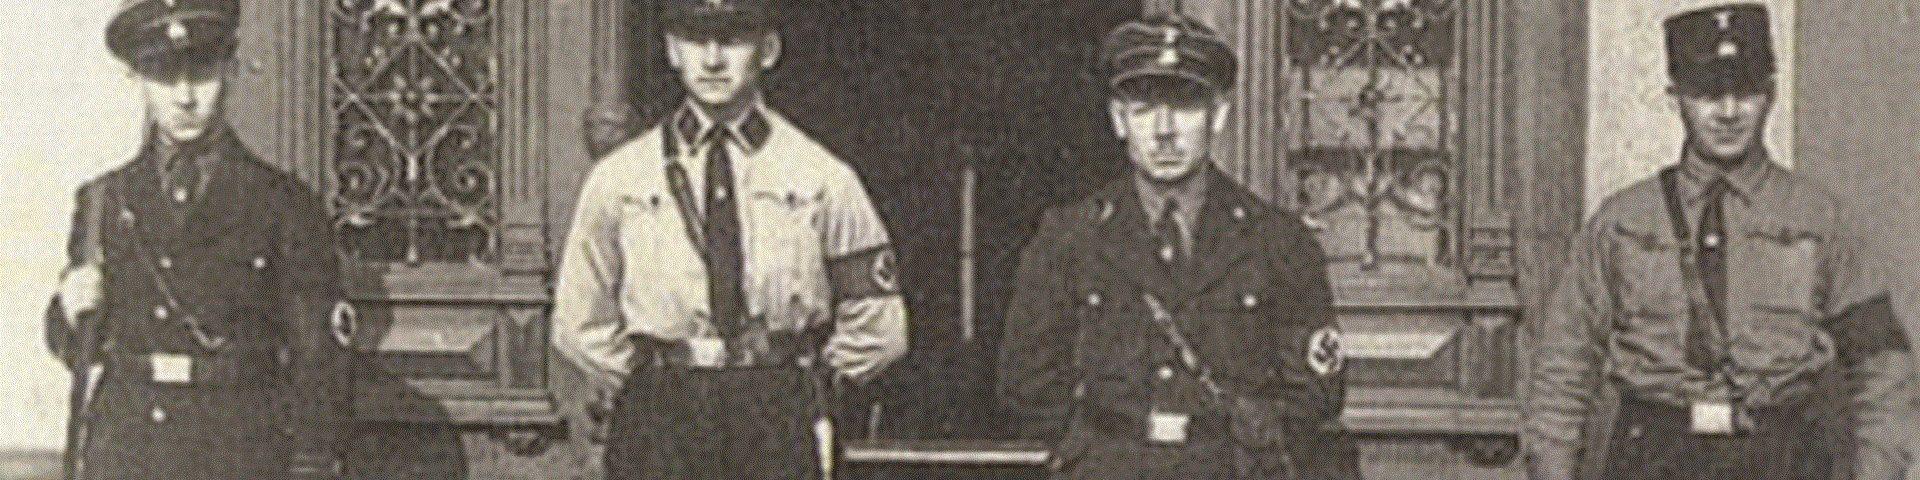 »Was dann losging, war ungeheuerlich.« Die frühen Konzentrationslager in Sachsen